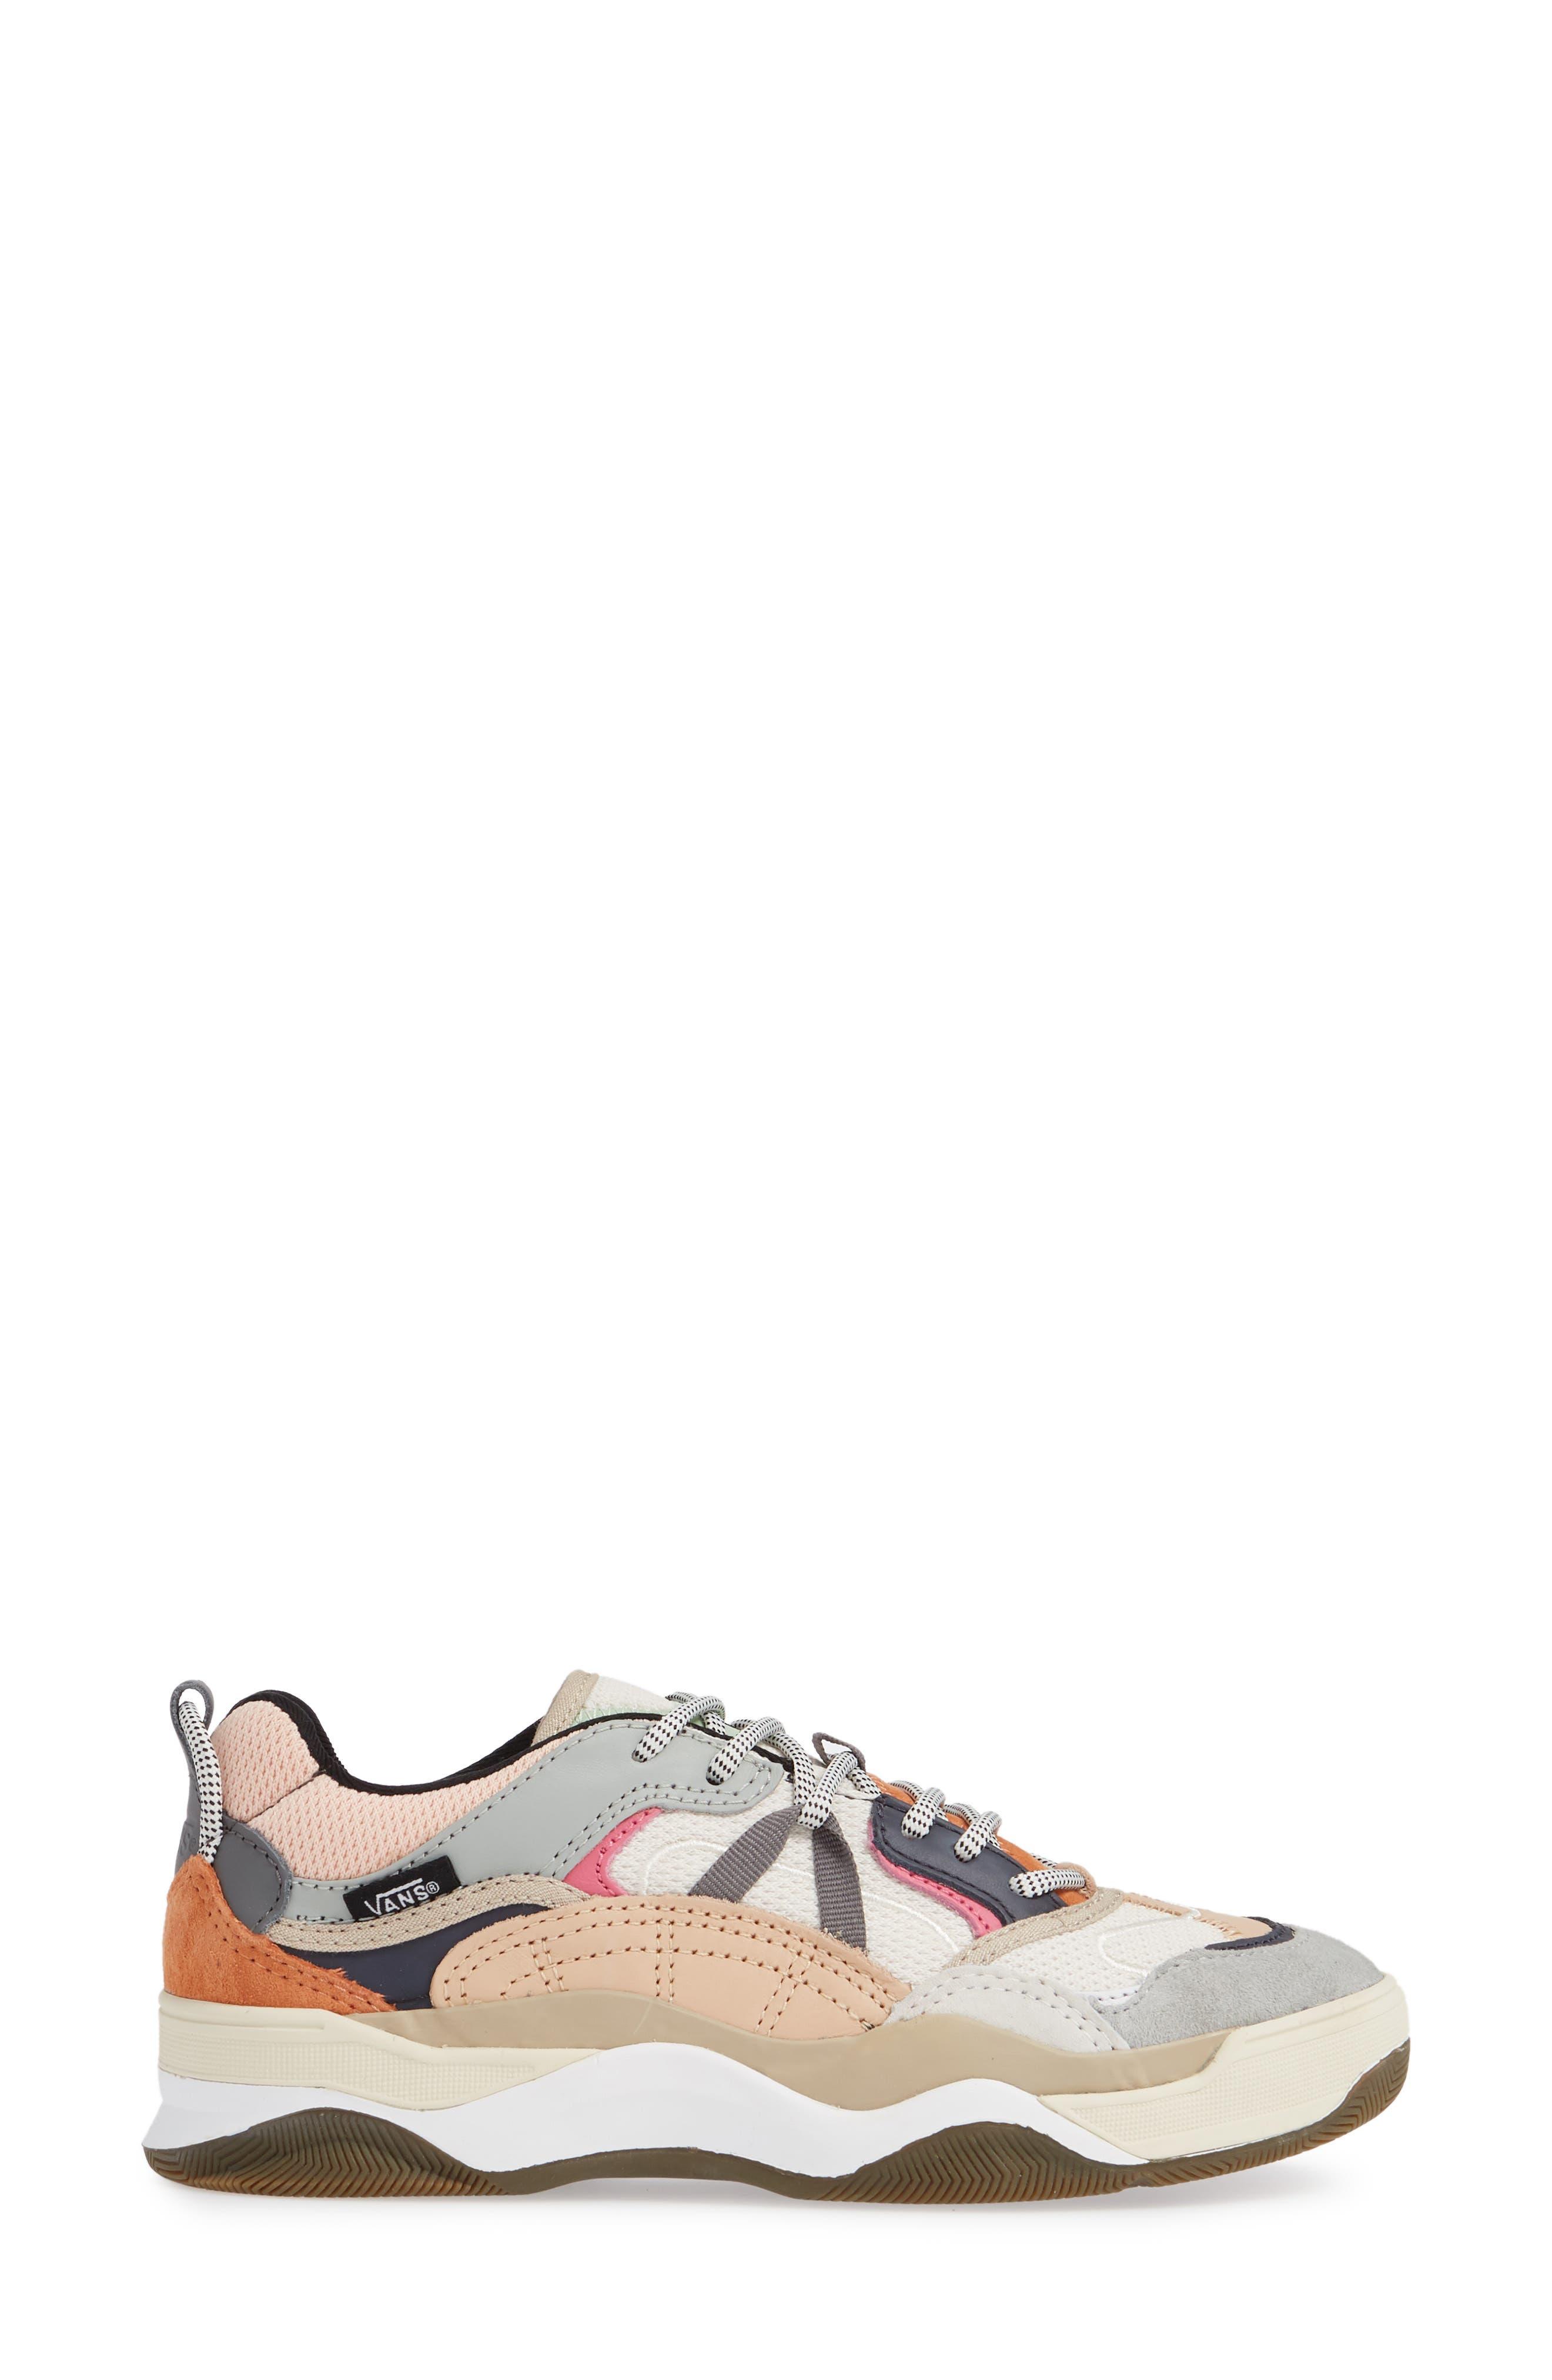 Varix WC Sneaker,                             Alternate thumbnail 3, color,                             MULTI TURTLEDOVE/ TRUE WHITE